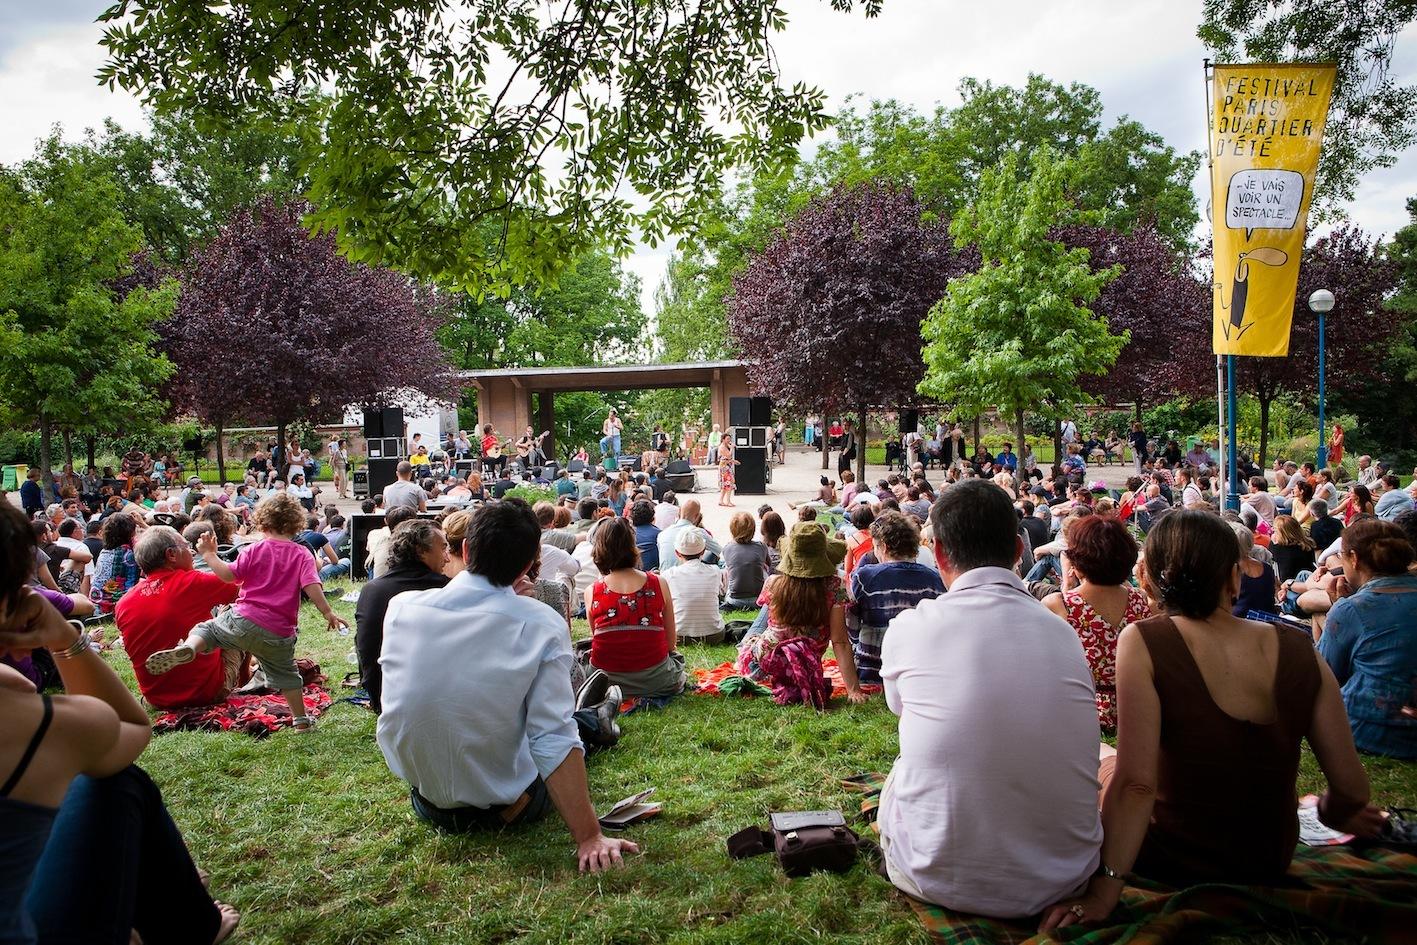 Quartier d'Eté festival